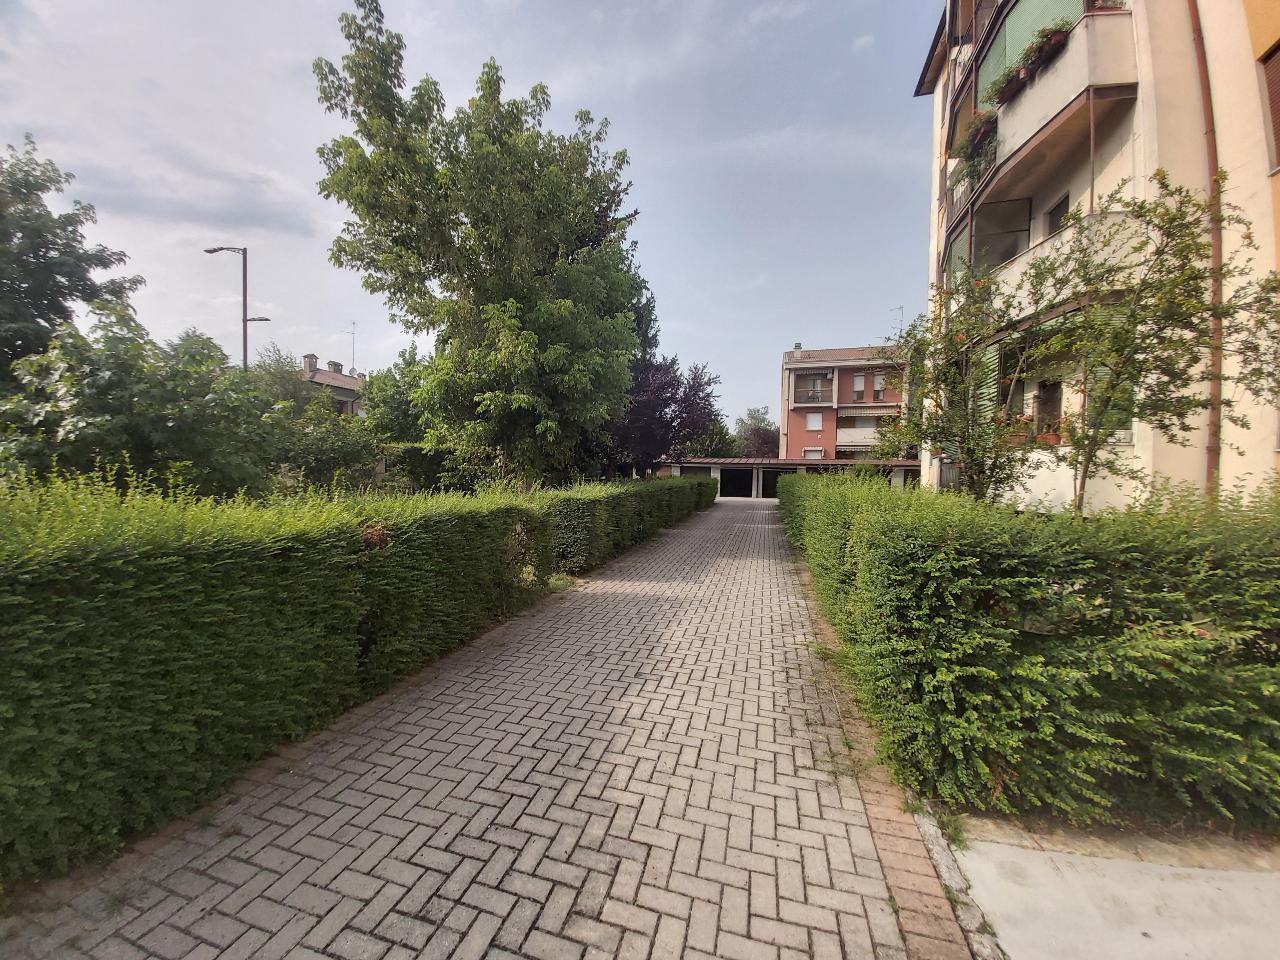 Appartamento CREMONA Euro 53.000,00